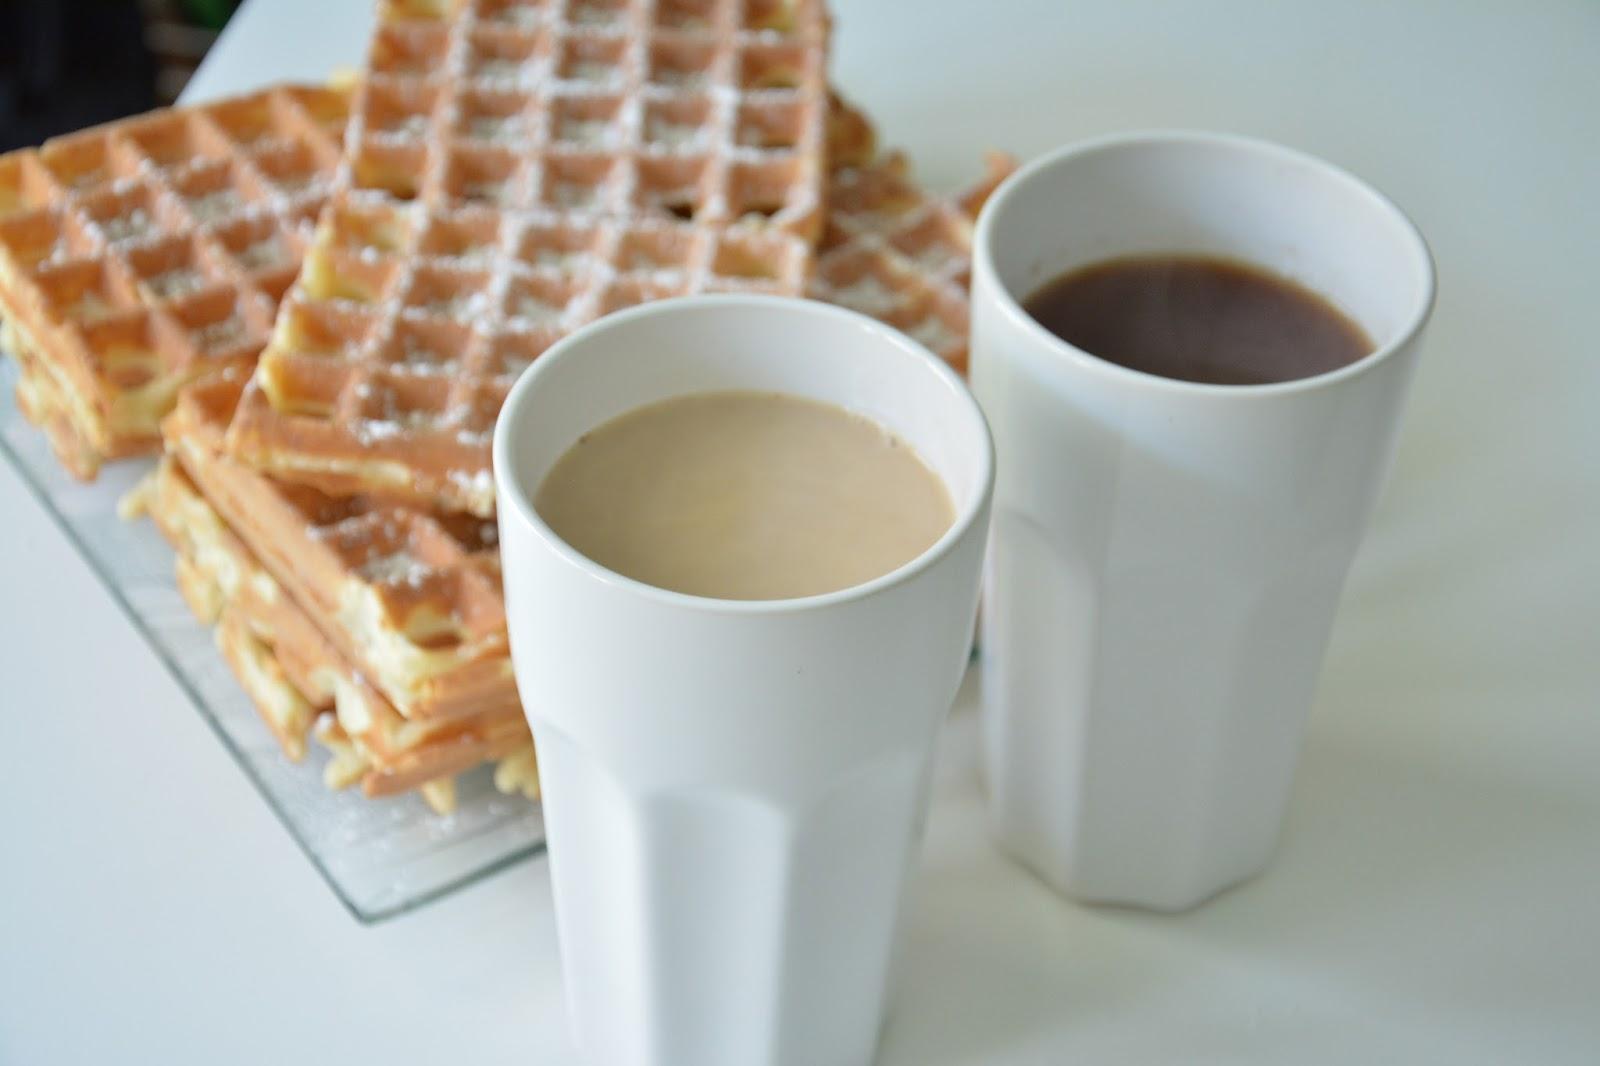 recette du chai tea latte pr paration en magasins blonde et nanc ienne blog beaut mode. Black Bedroom Furniture Sets. Home Design Ideas